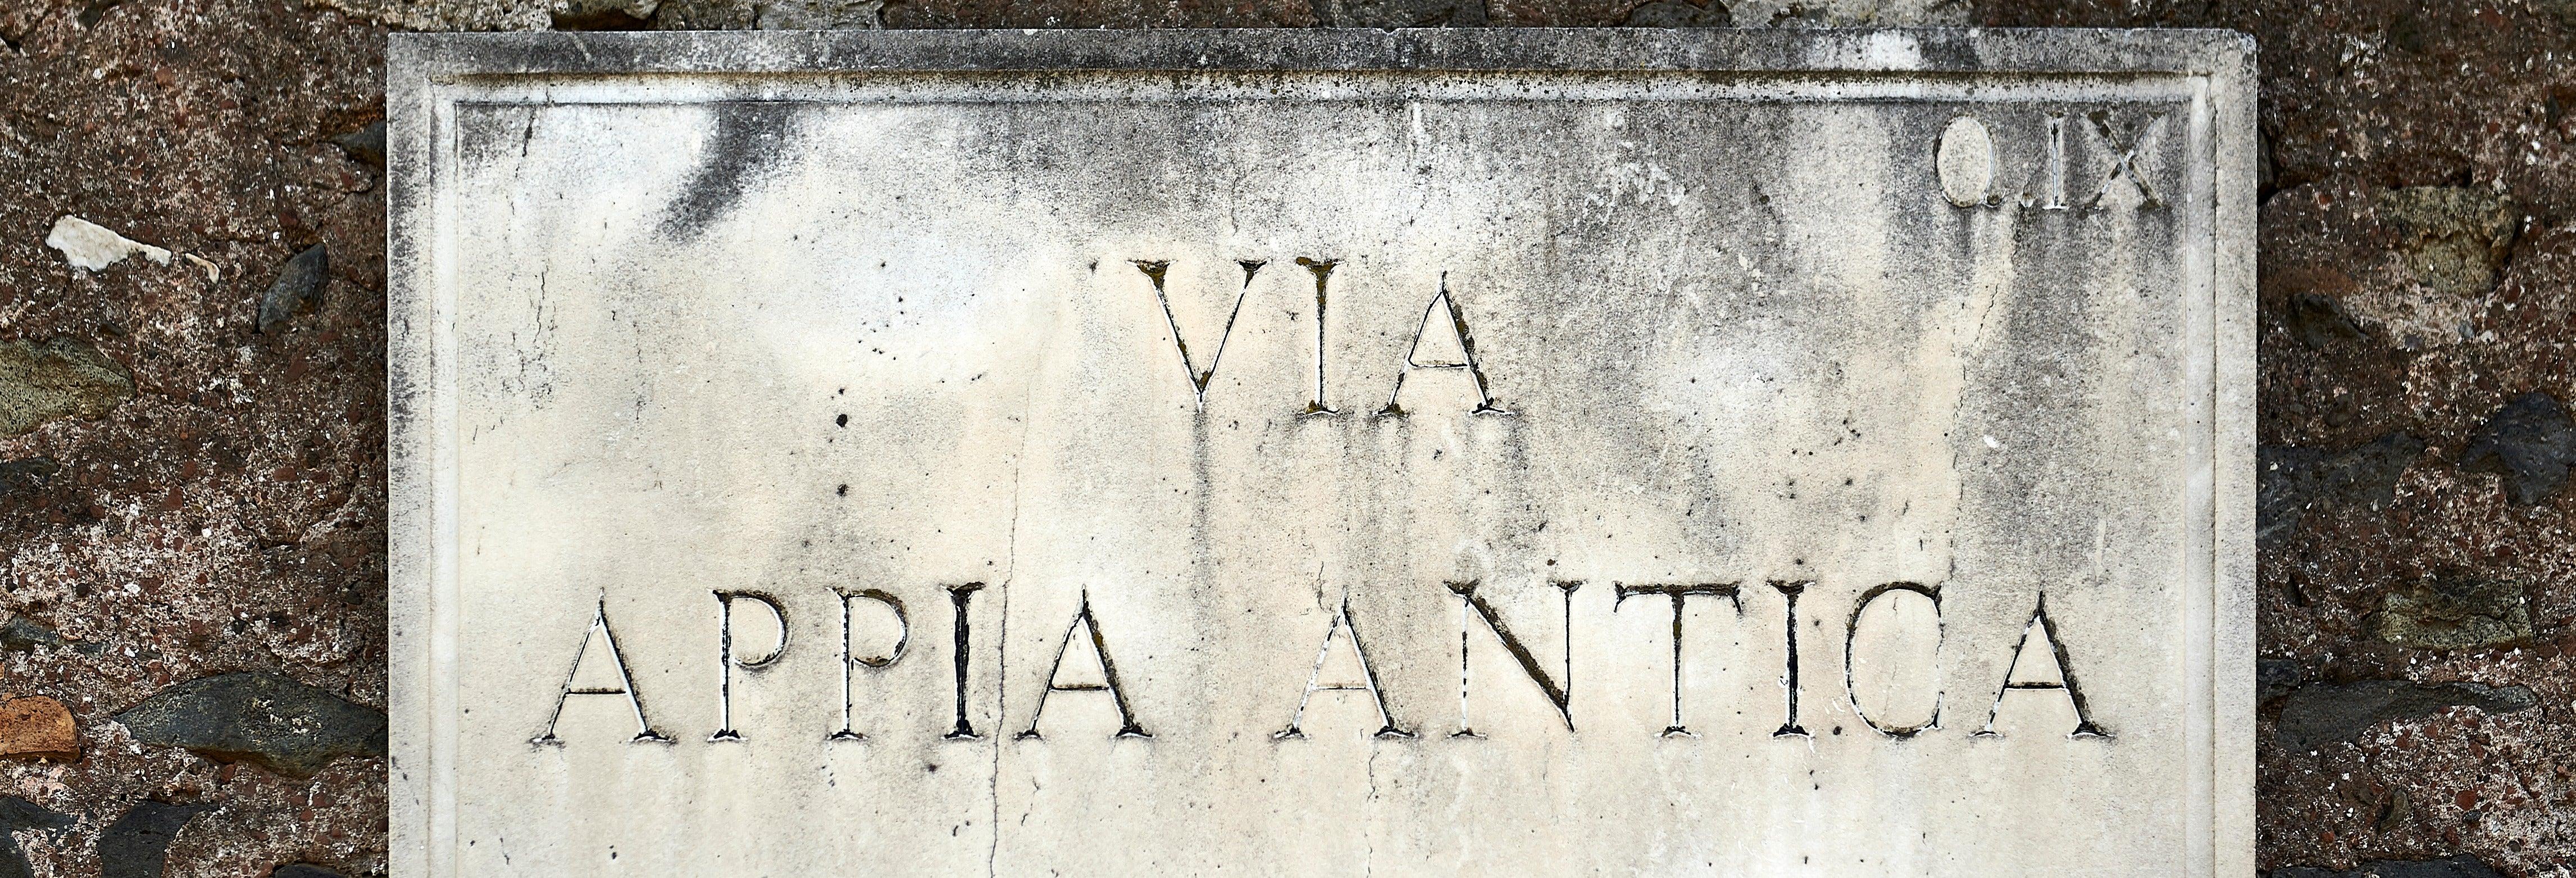 Excursión a las Catacumbas y la Vía Appia